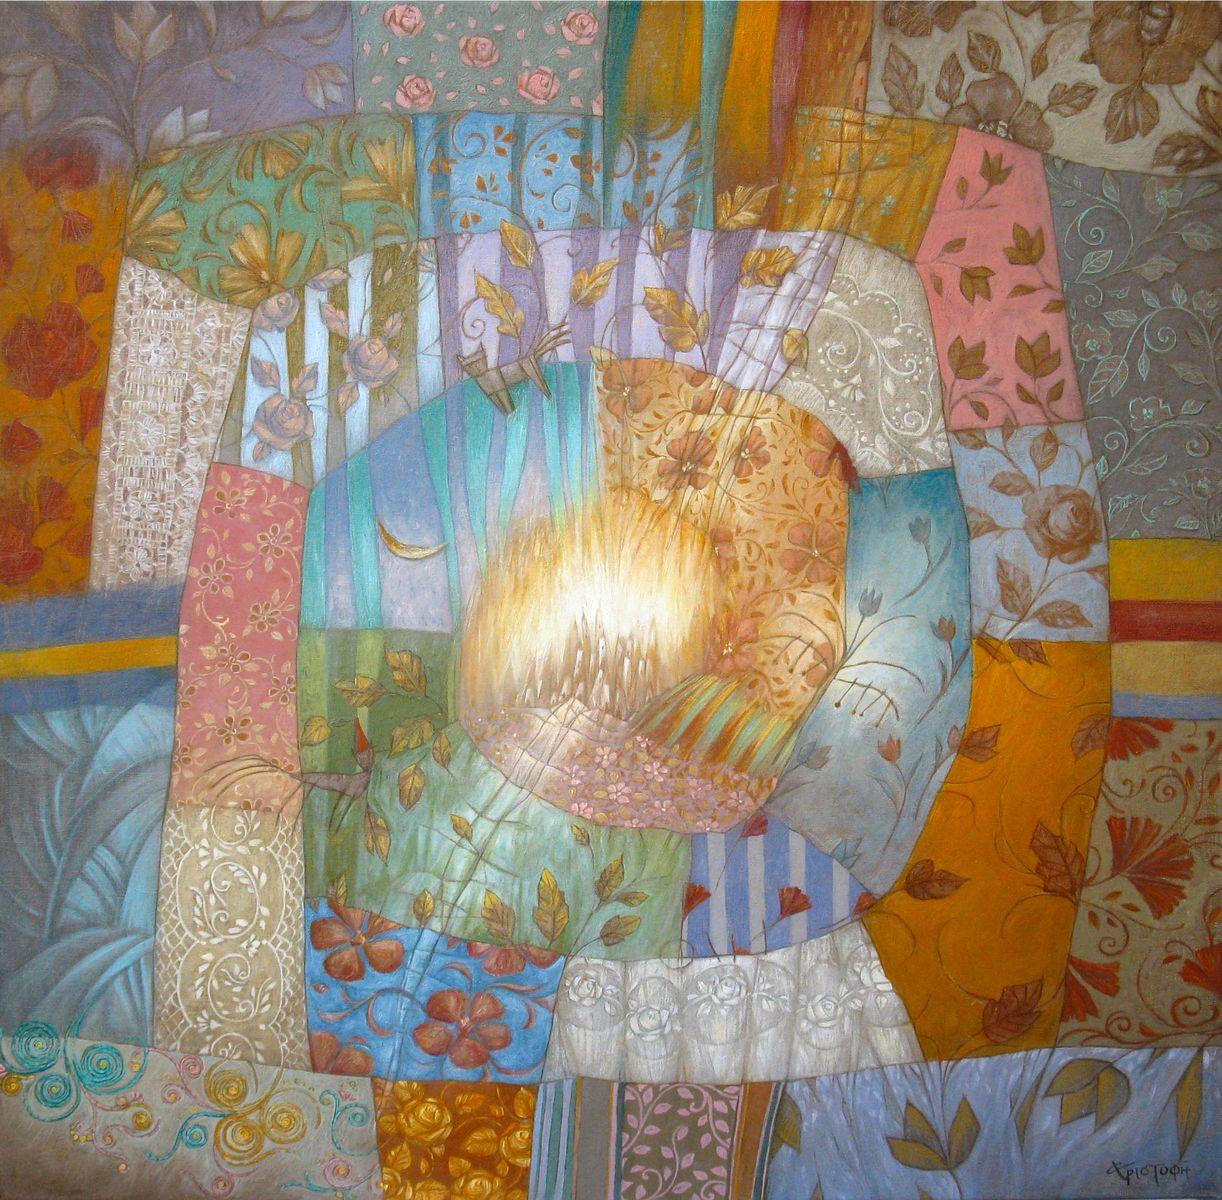 Άννα Χριστοφή 60×60 εκ. Λάδια σε καμβά Anna Christofi 60×60 cm Oils on canvas